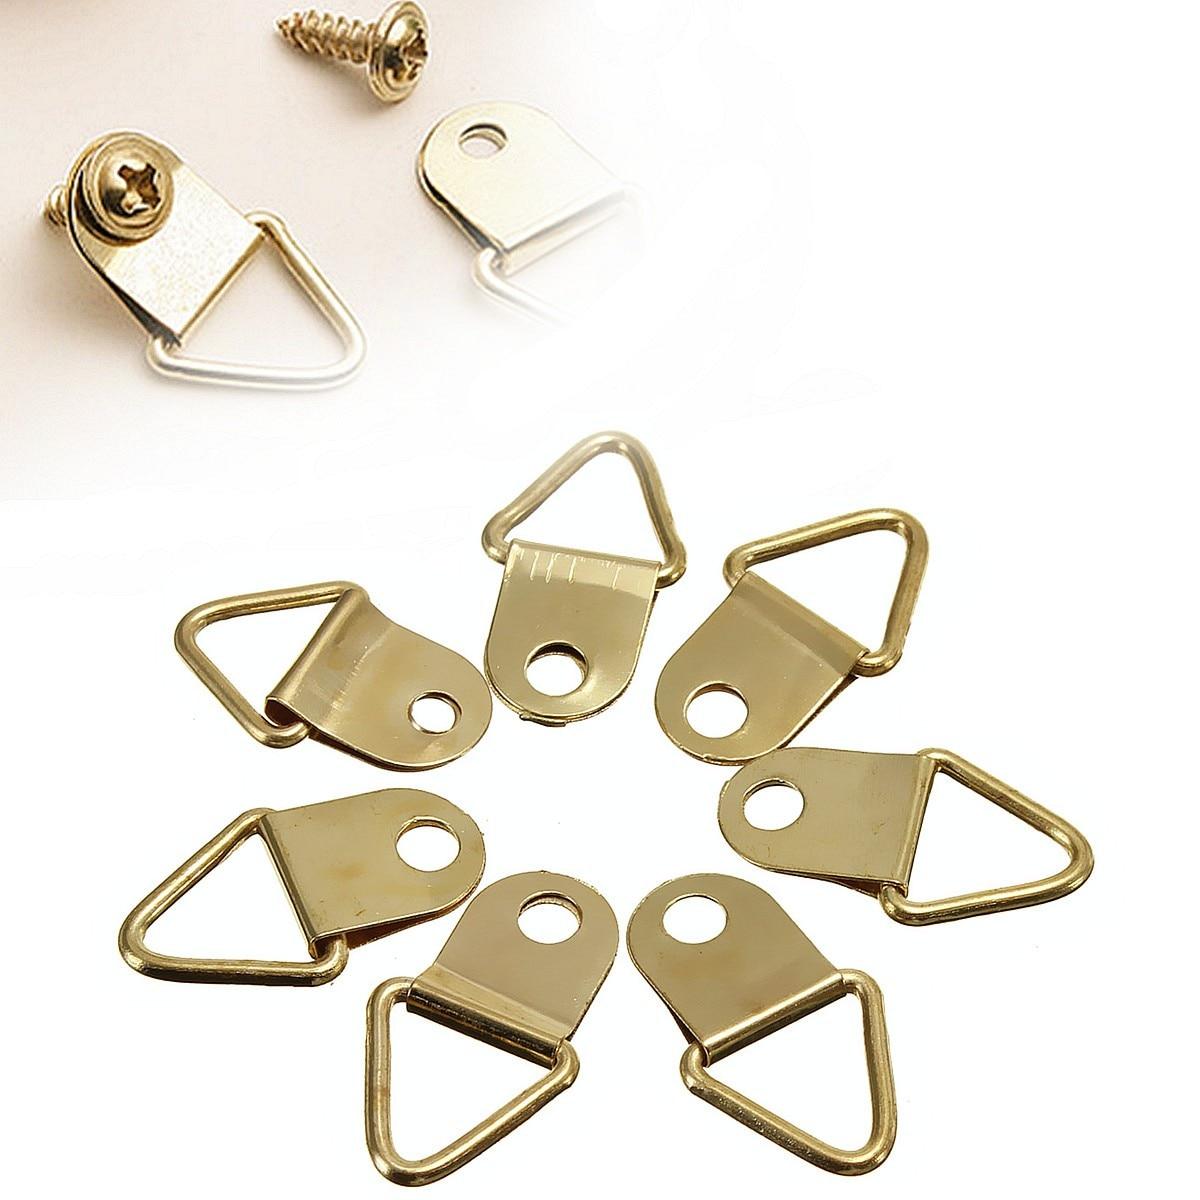 Wholesale Universal Strong Golden 50pcs D D Rings